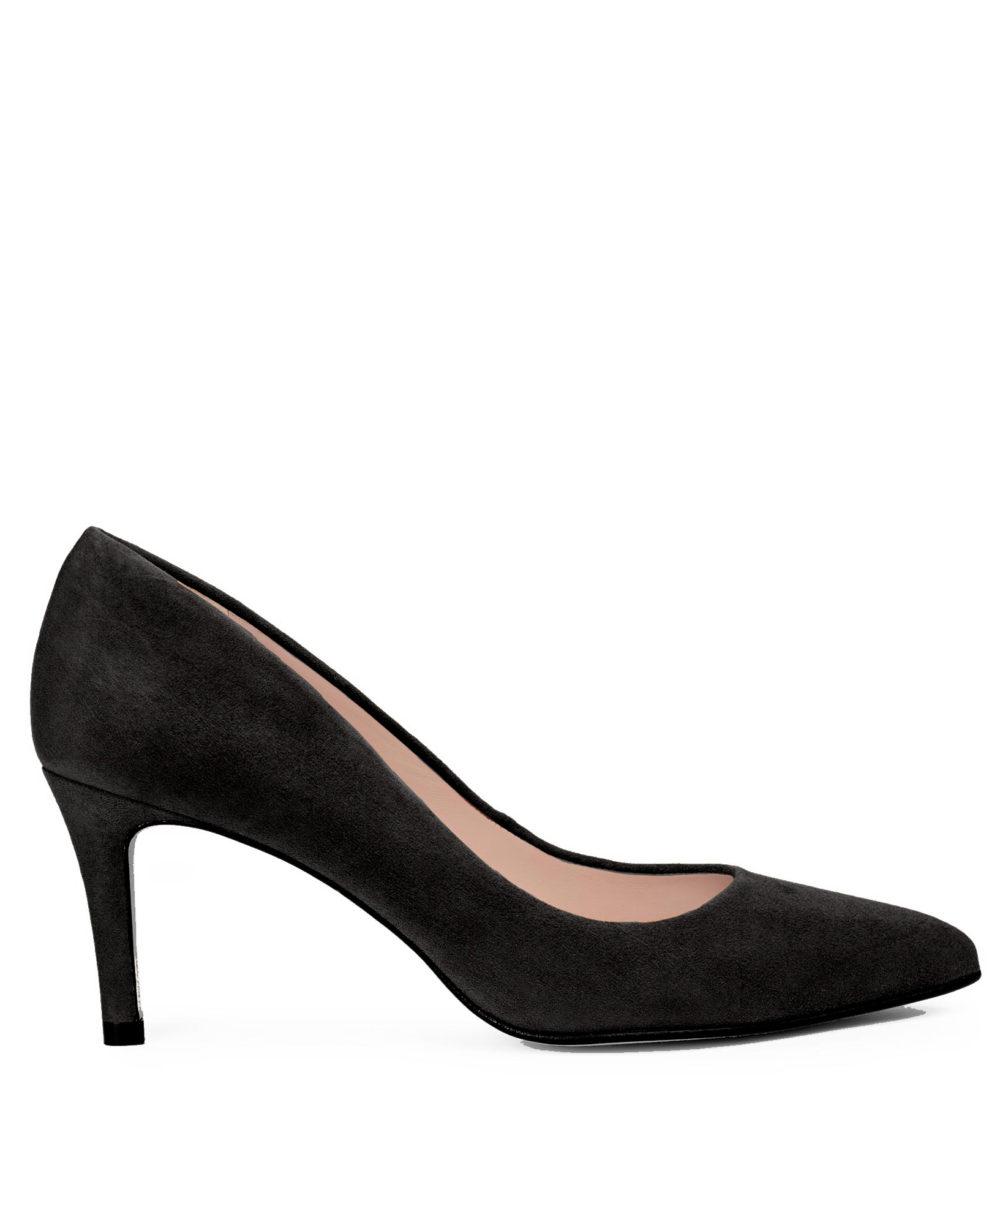 salón de piel para mujer de Paco Gil. Zapatos de moda